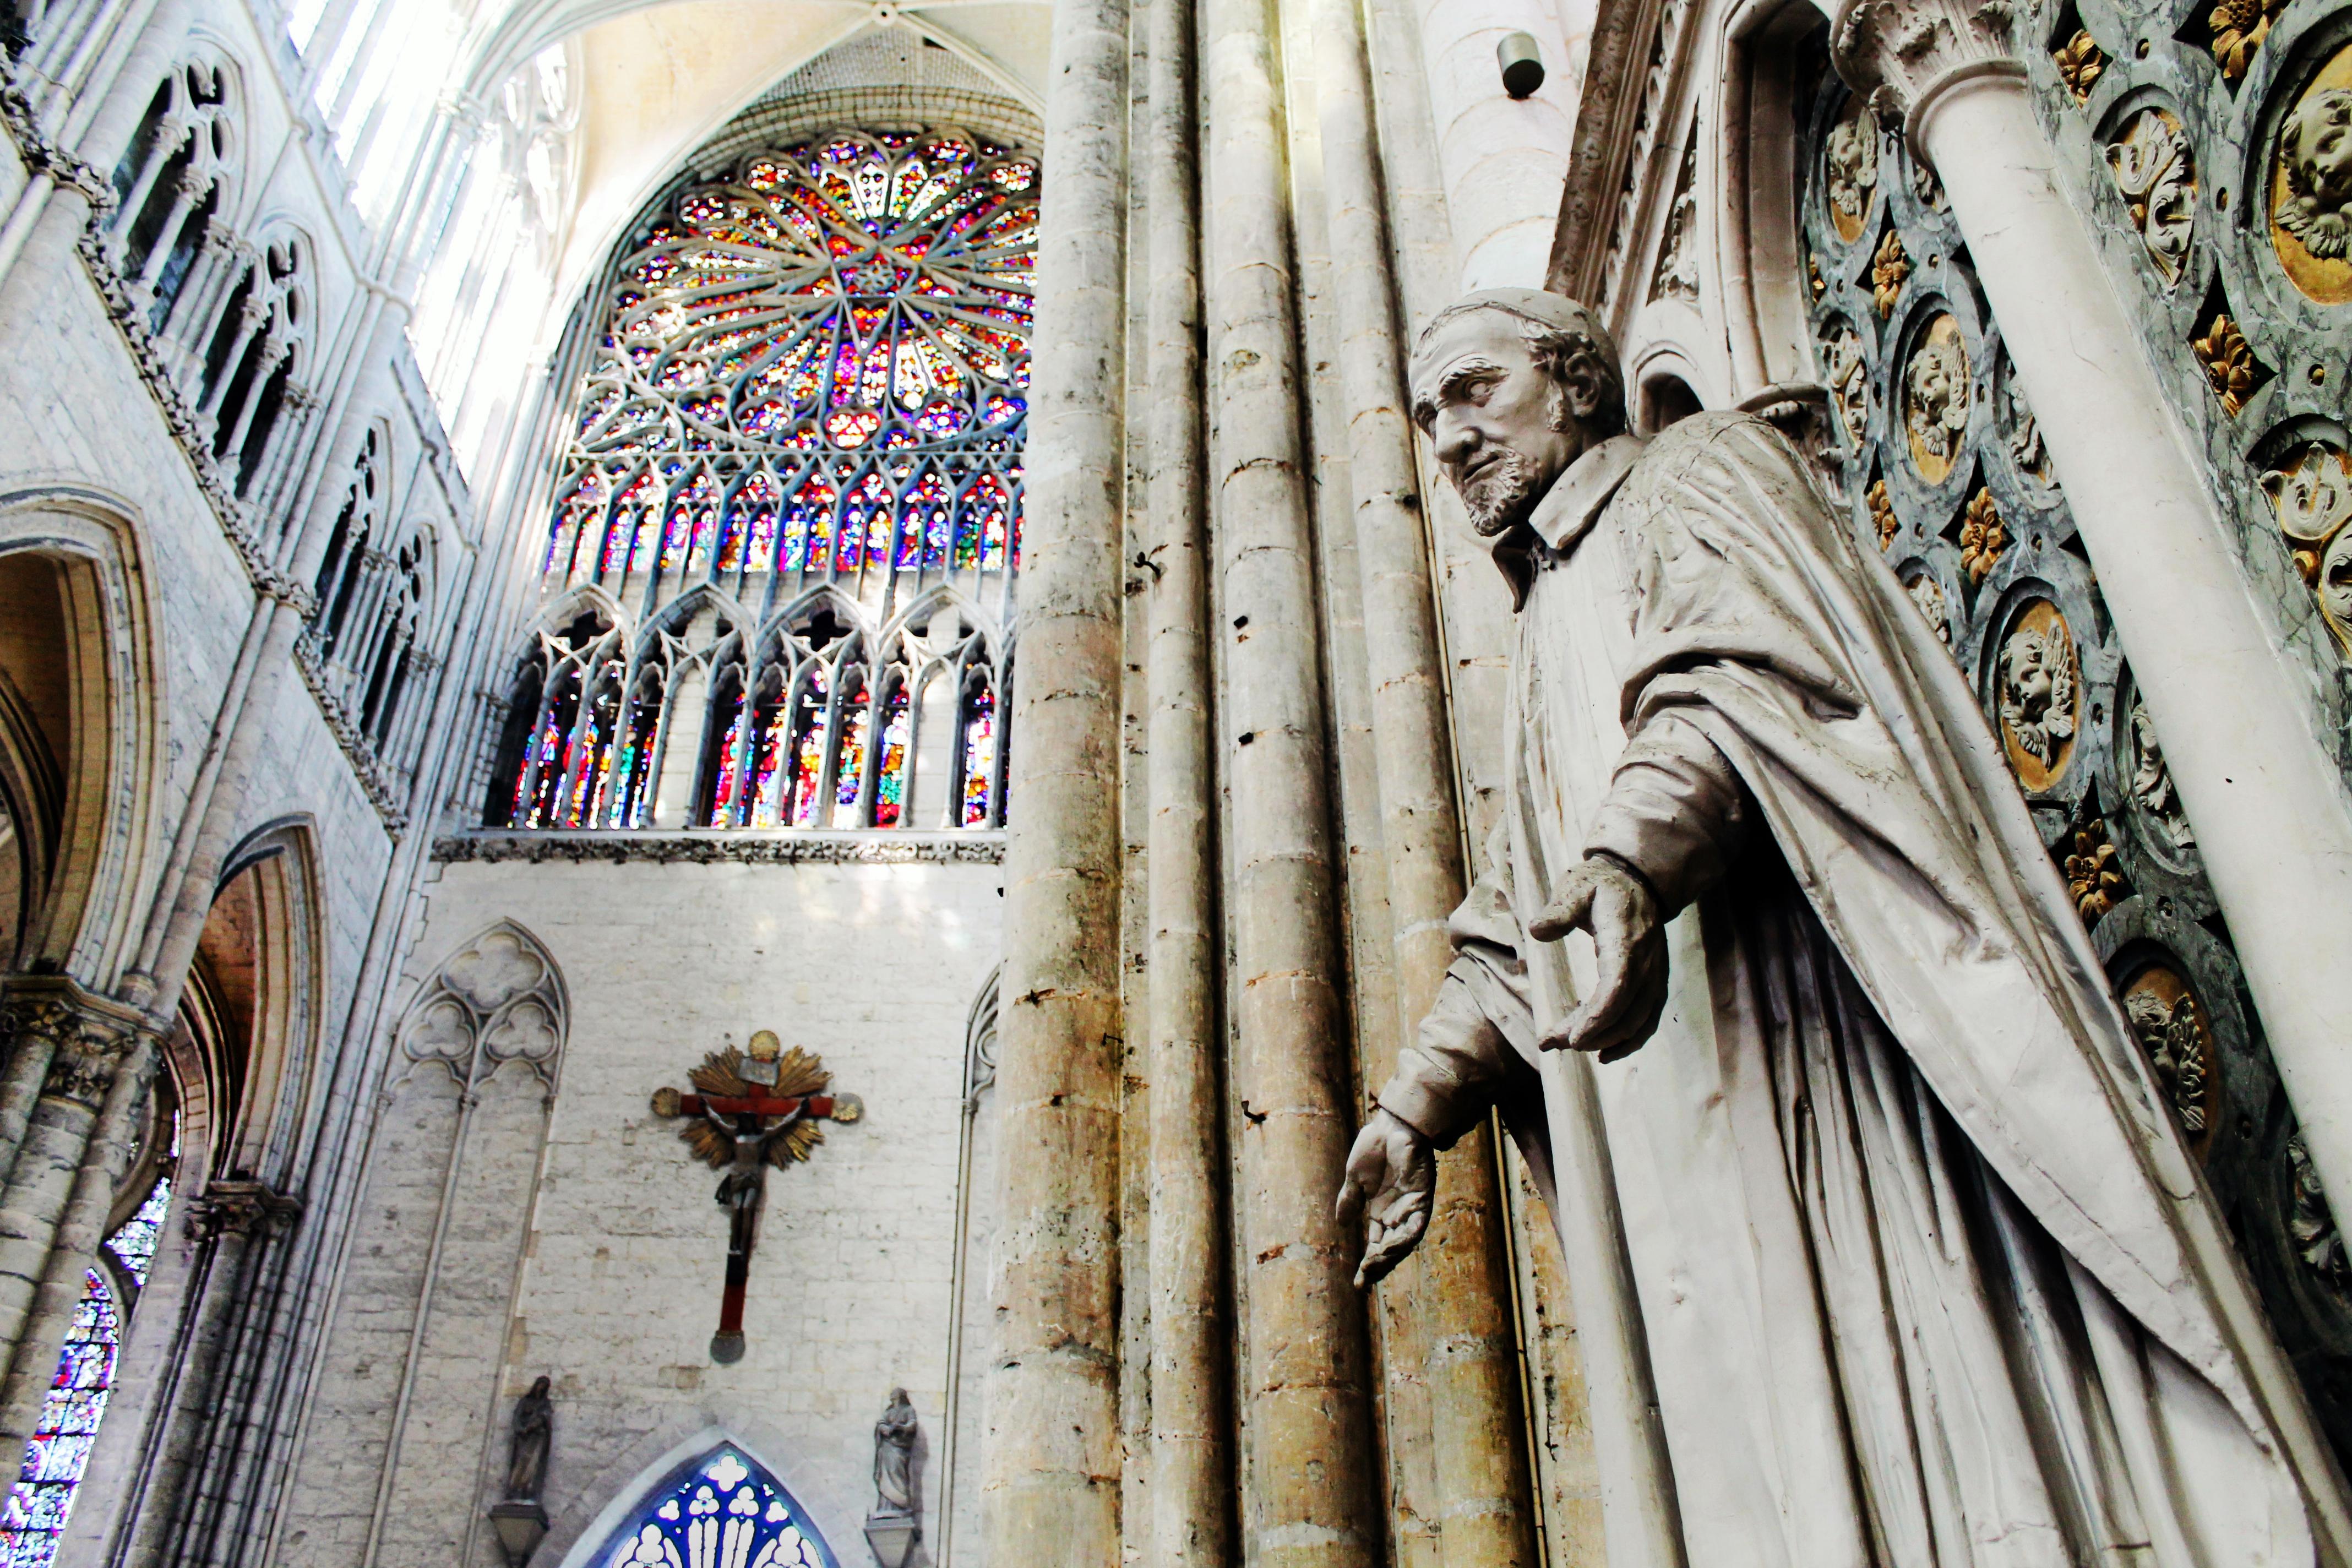 Guia de visita de Amiens, França - Drawing Dreaming